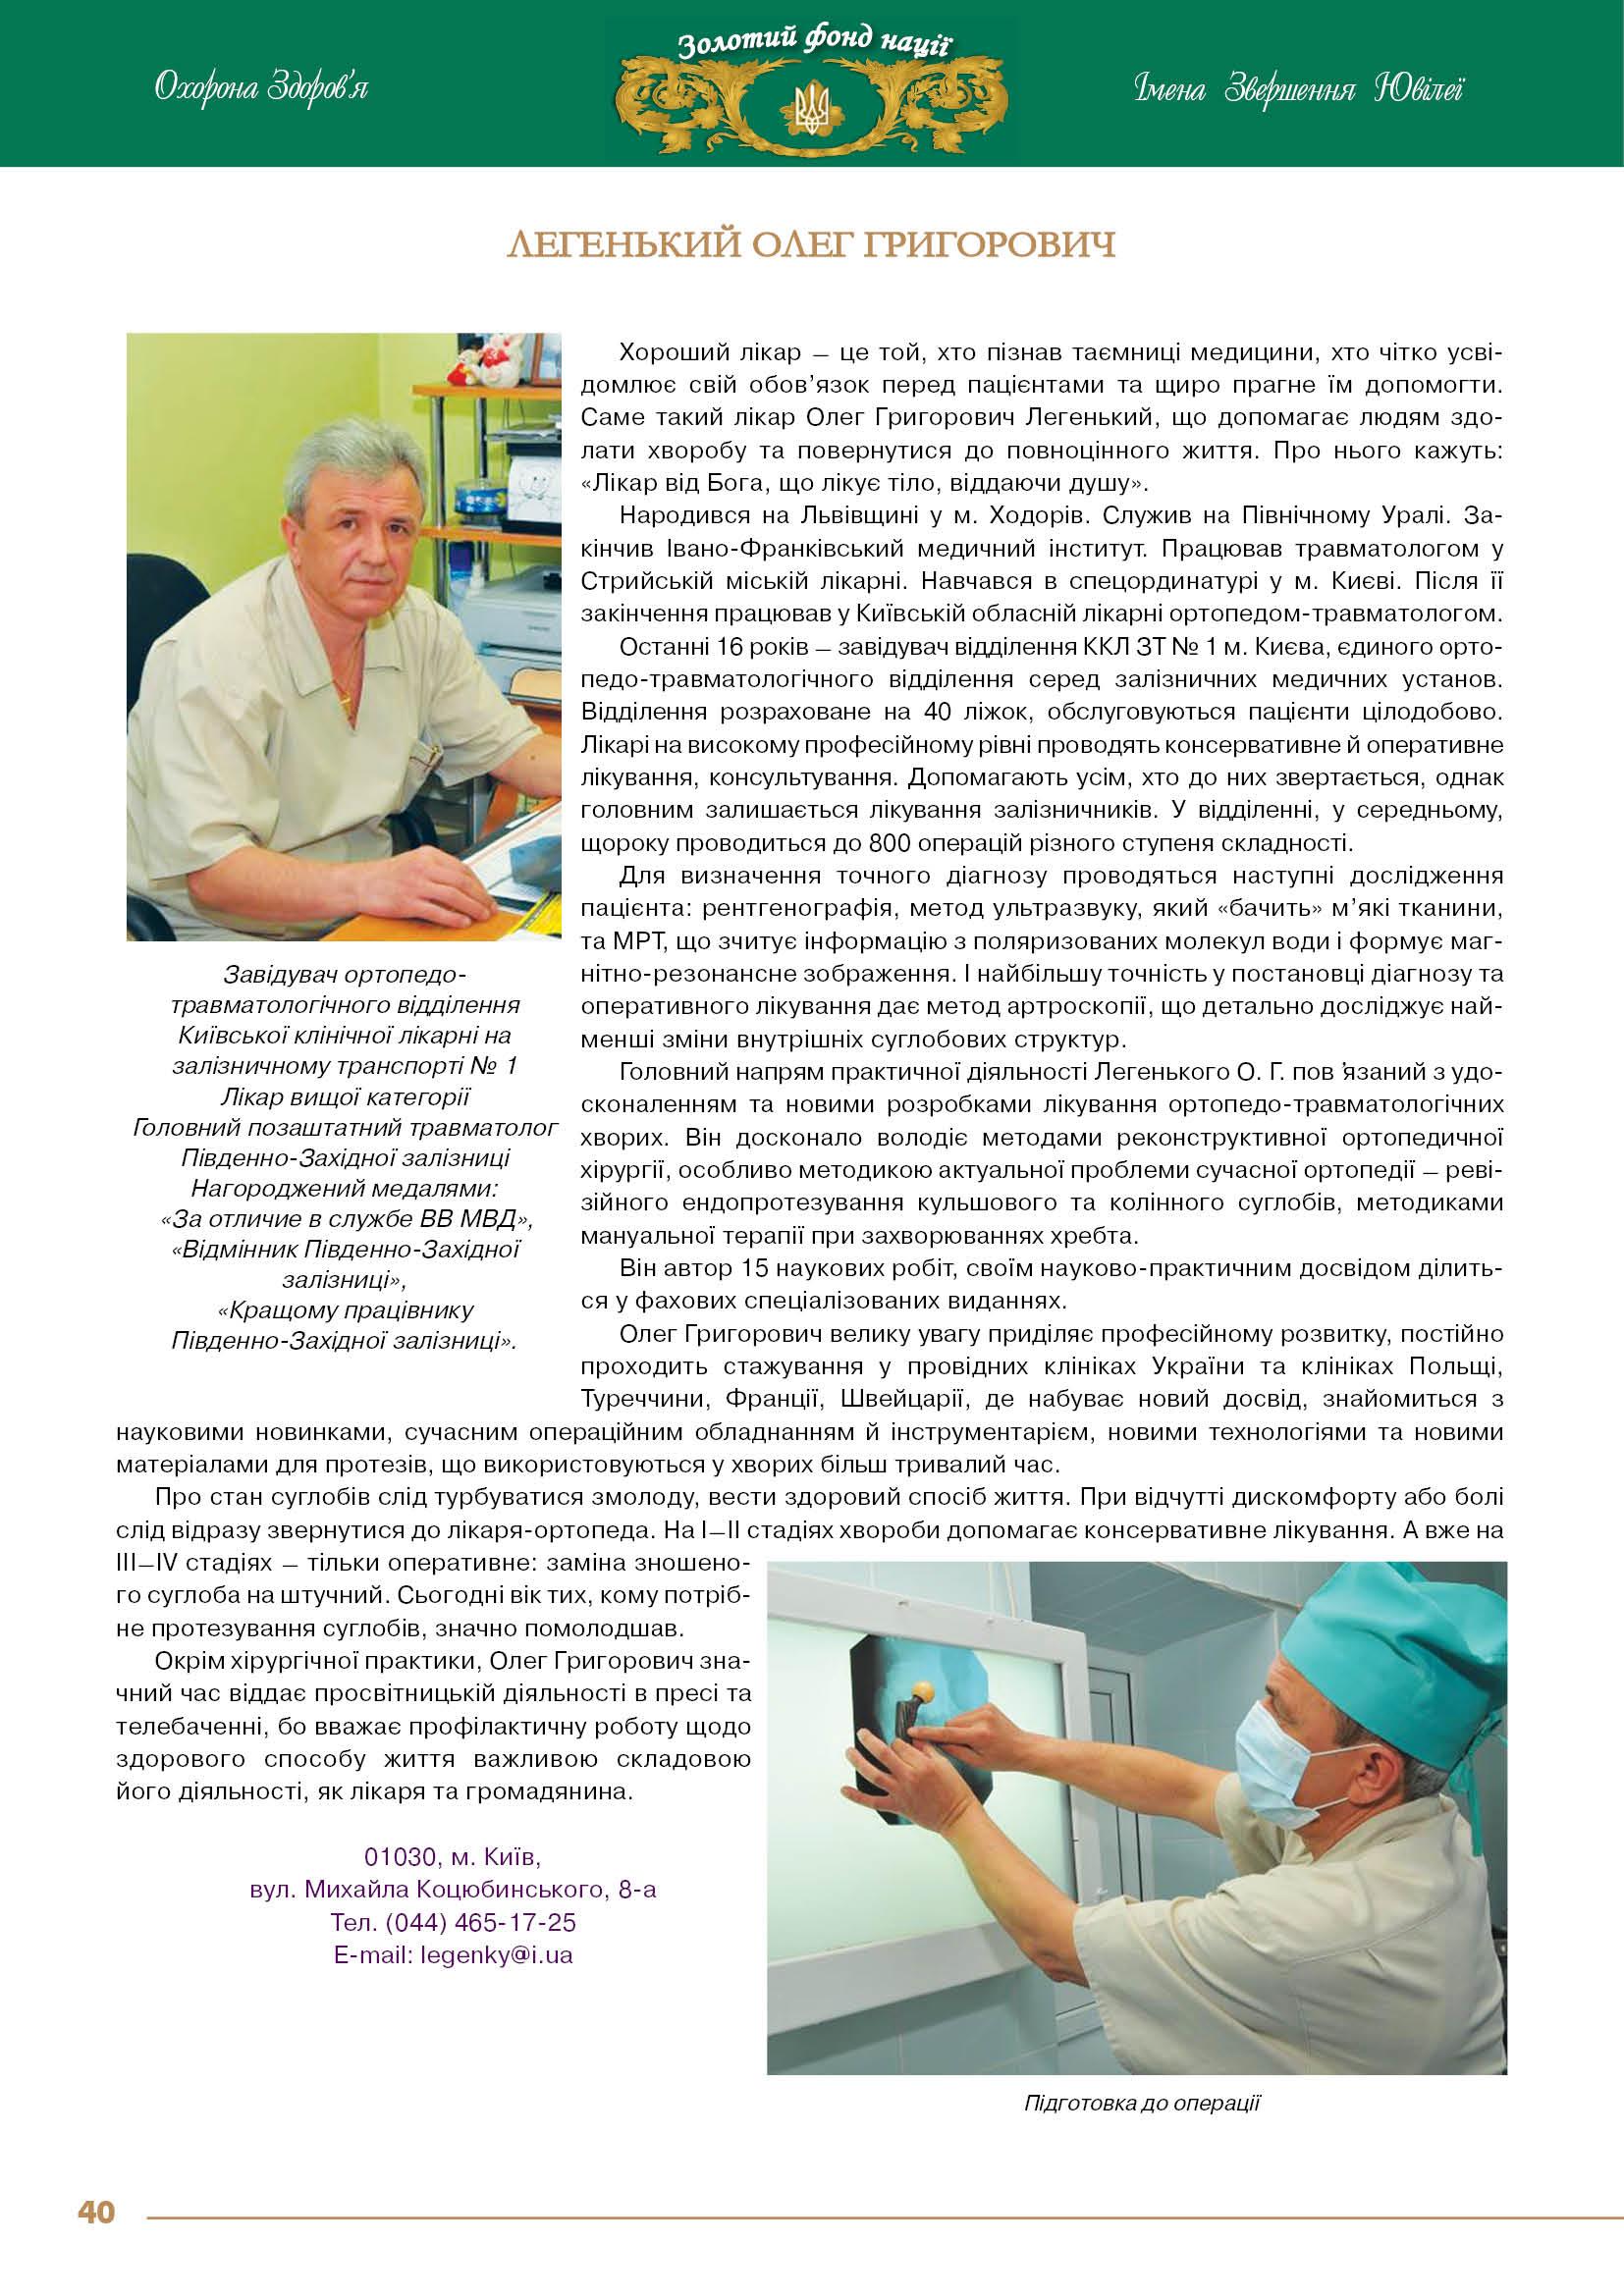 Легенький Олег Григорович